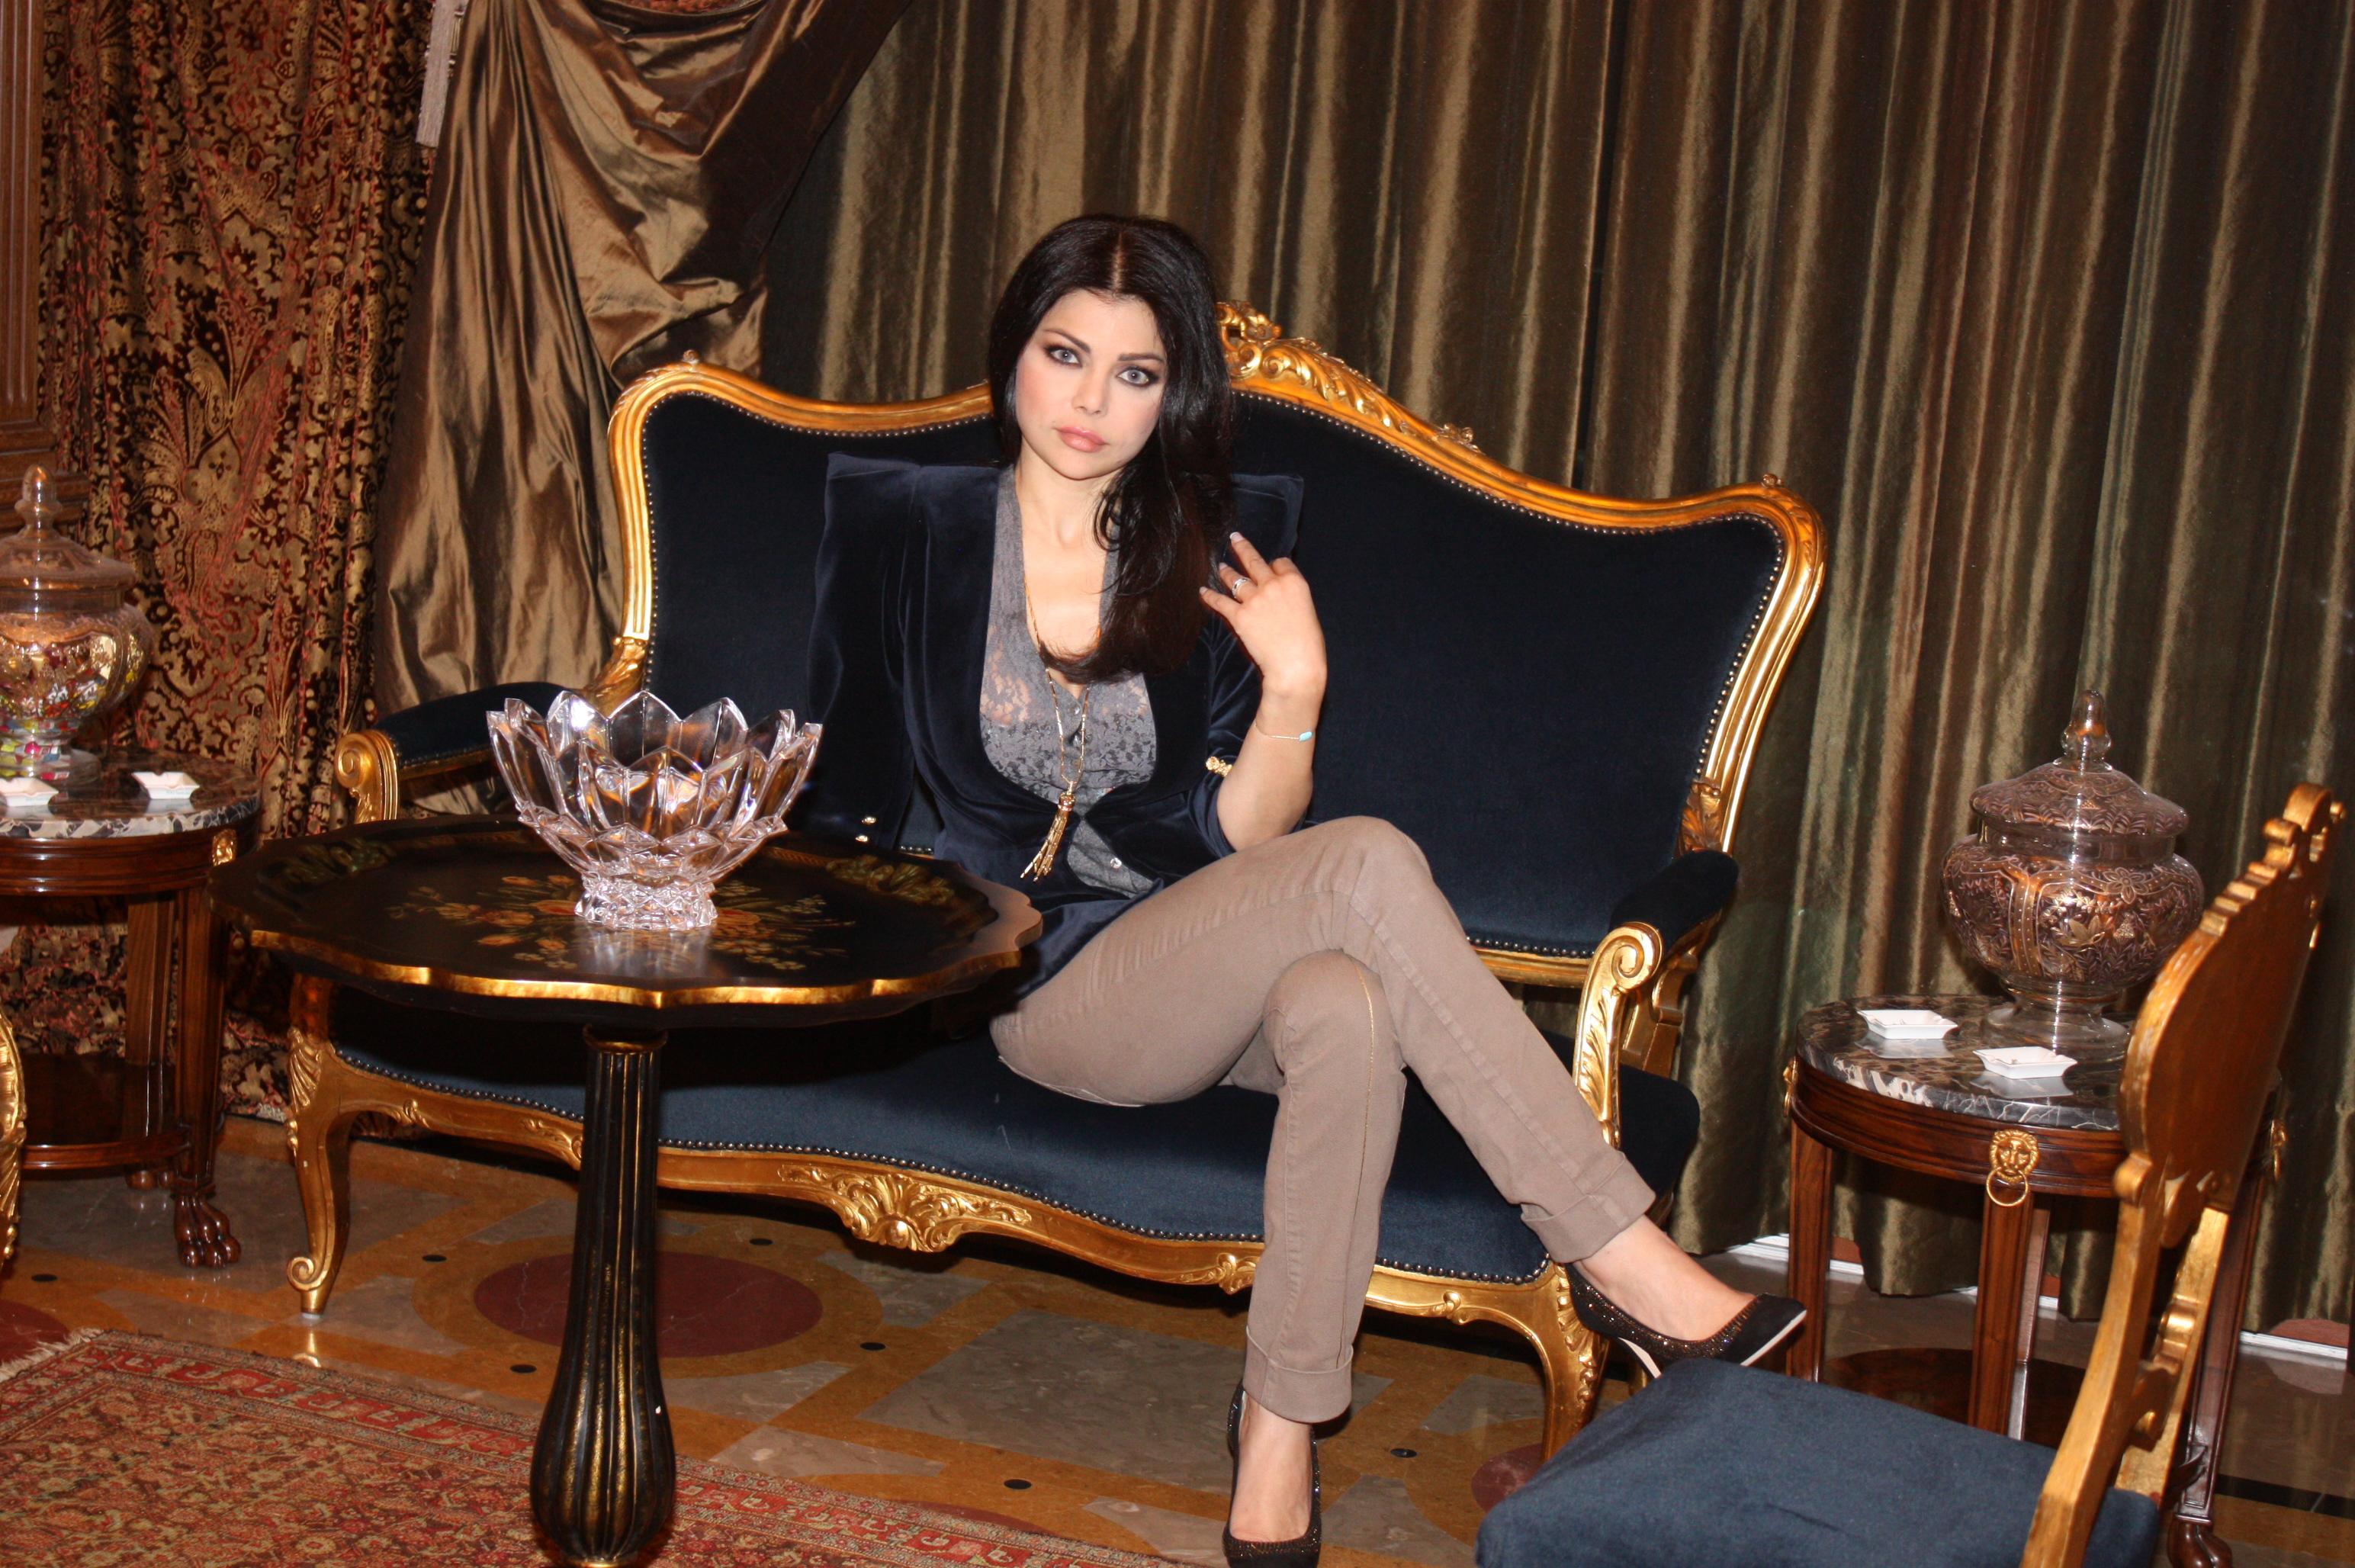 هيفاء وهبي تجلس في صالون منزلها